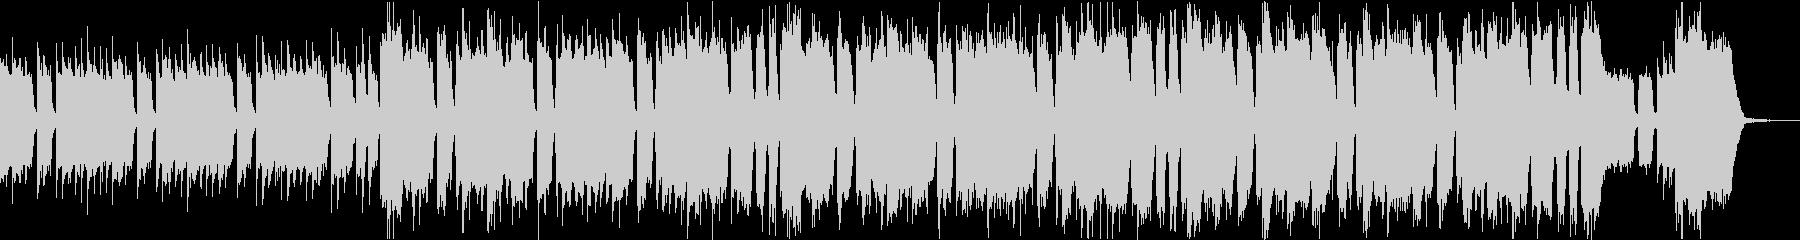 パワフルハイテンションUKロックリフbの未再生の波形